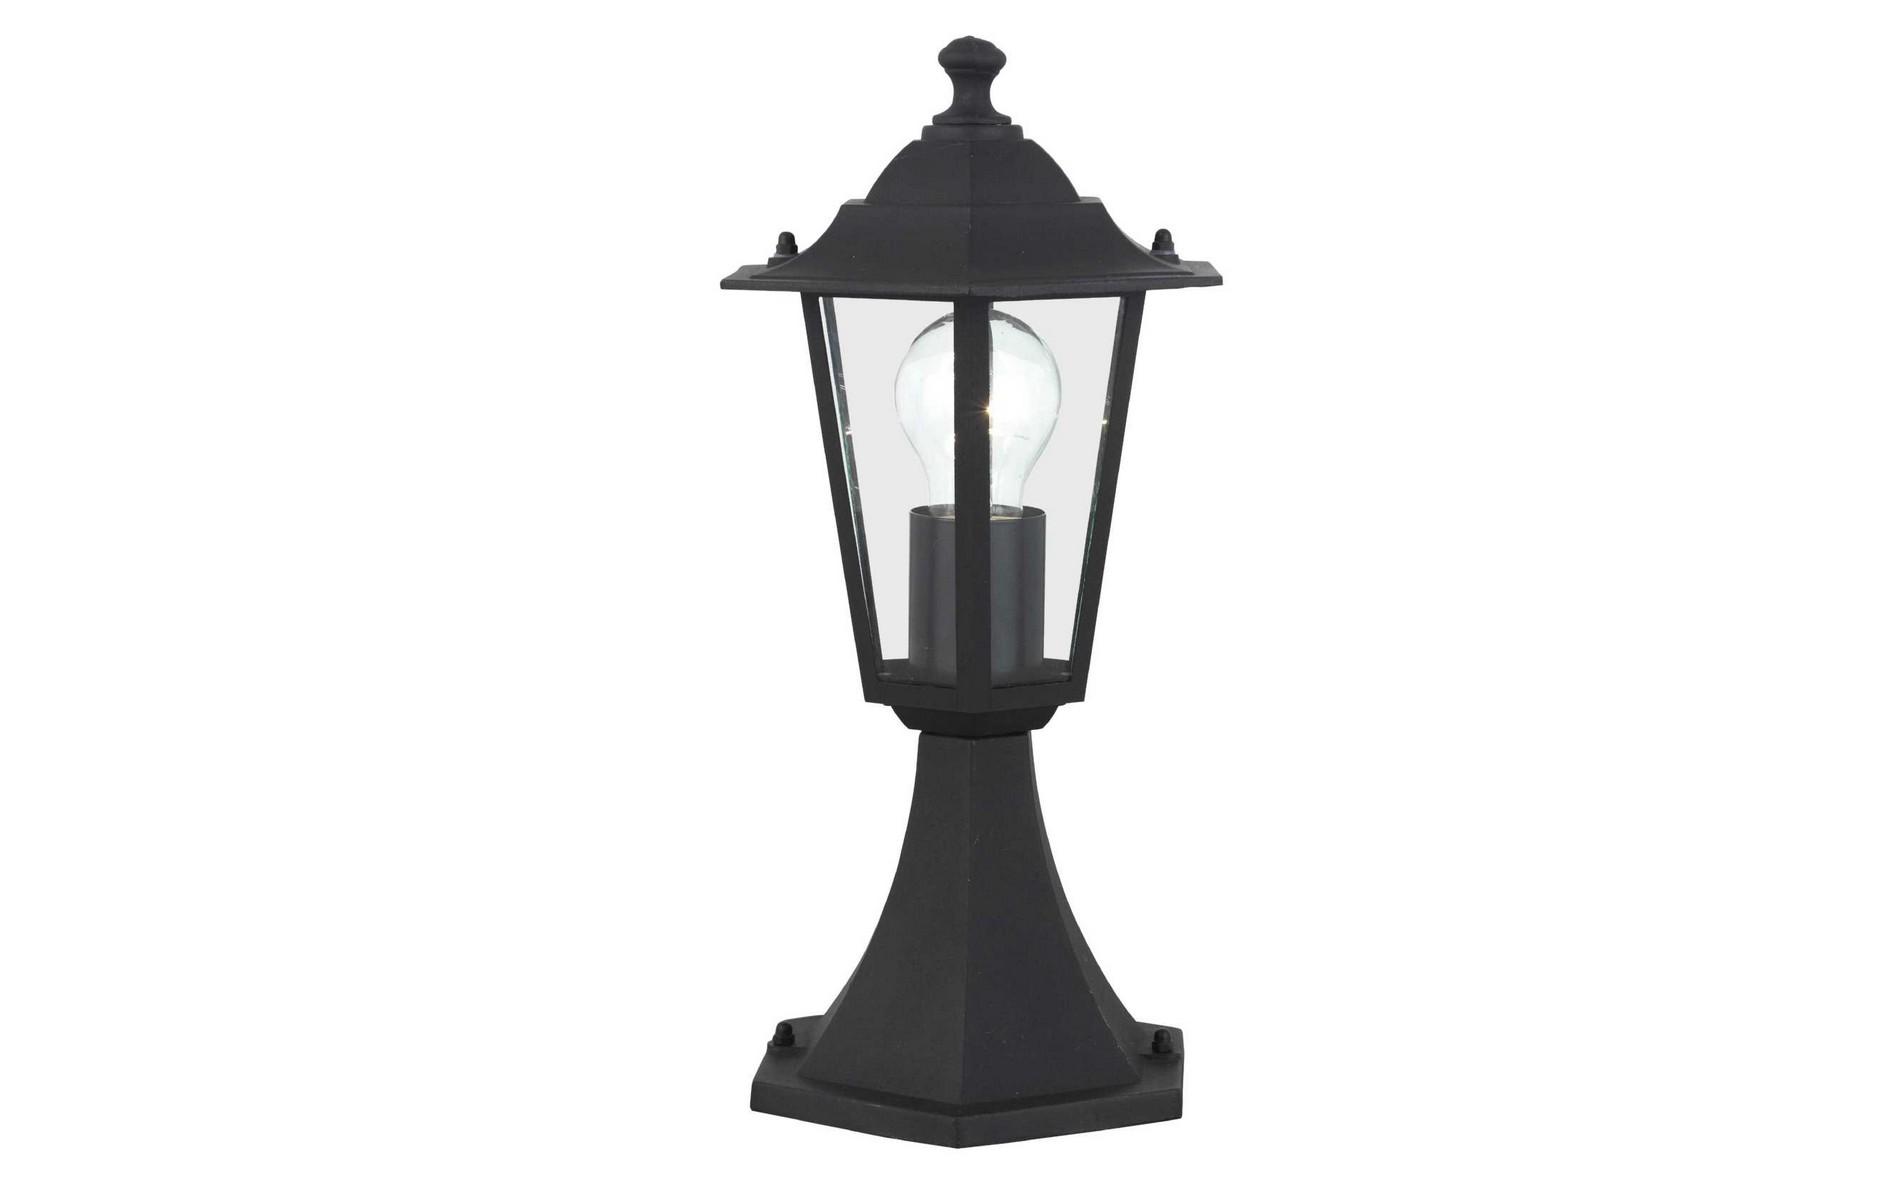 Светильник уличный CROWNУличные наземные светильники<br>&amp;lt;div&amp;gt;Вид цоколя: Е27&amp;lt;/div&amp;gt;&amp;lt;div&amp;gt;Мощность лампы: 60W&amp;lt;/div&amp;gt;&amp;lt;div&amp;gt;Количество ламп: 1&amp;lt;/div&amp;gt;&amp;lt;div&amp;gt;Наличие ламп: нет&amp;lt;/div&amp;gt;<br><br>Material: Металл<br>Высота см: 37